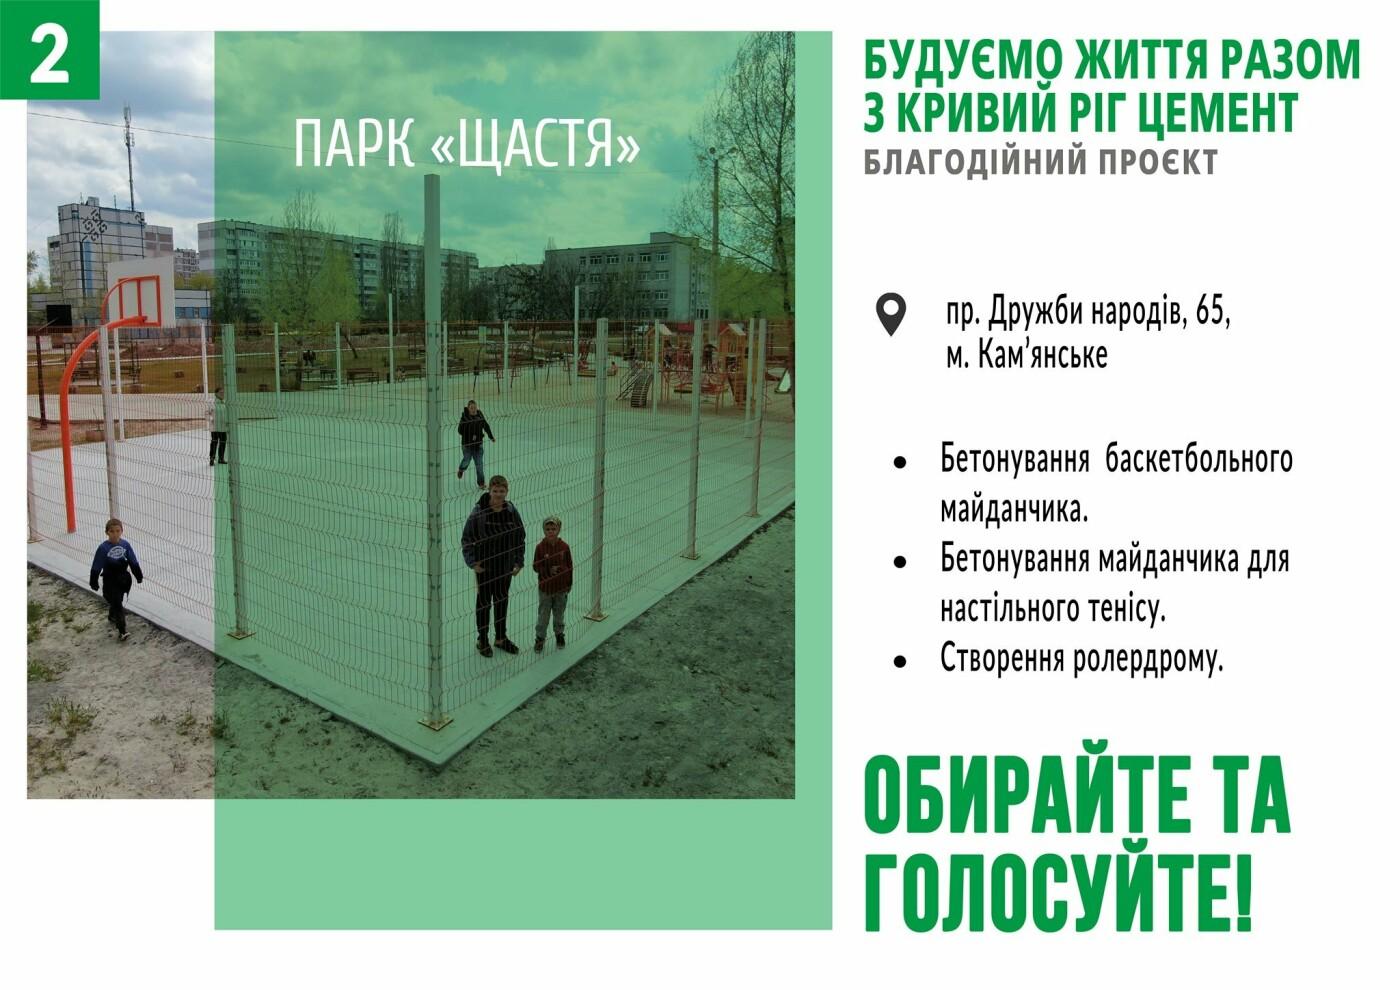 Начато голосование за объекты в рамках благотворительного проекта от компании «Кривой Рог Цемент», фото-2